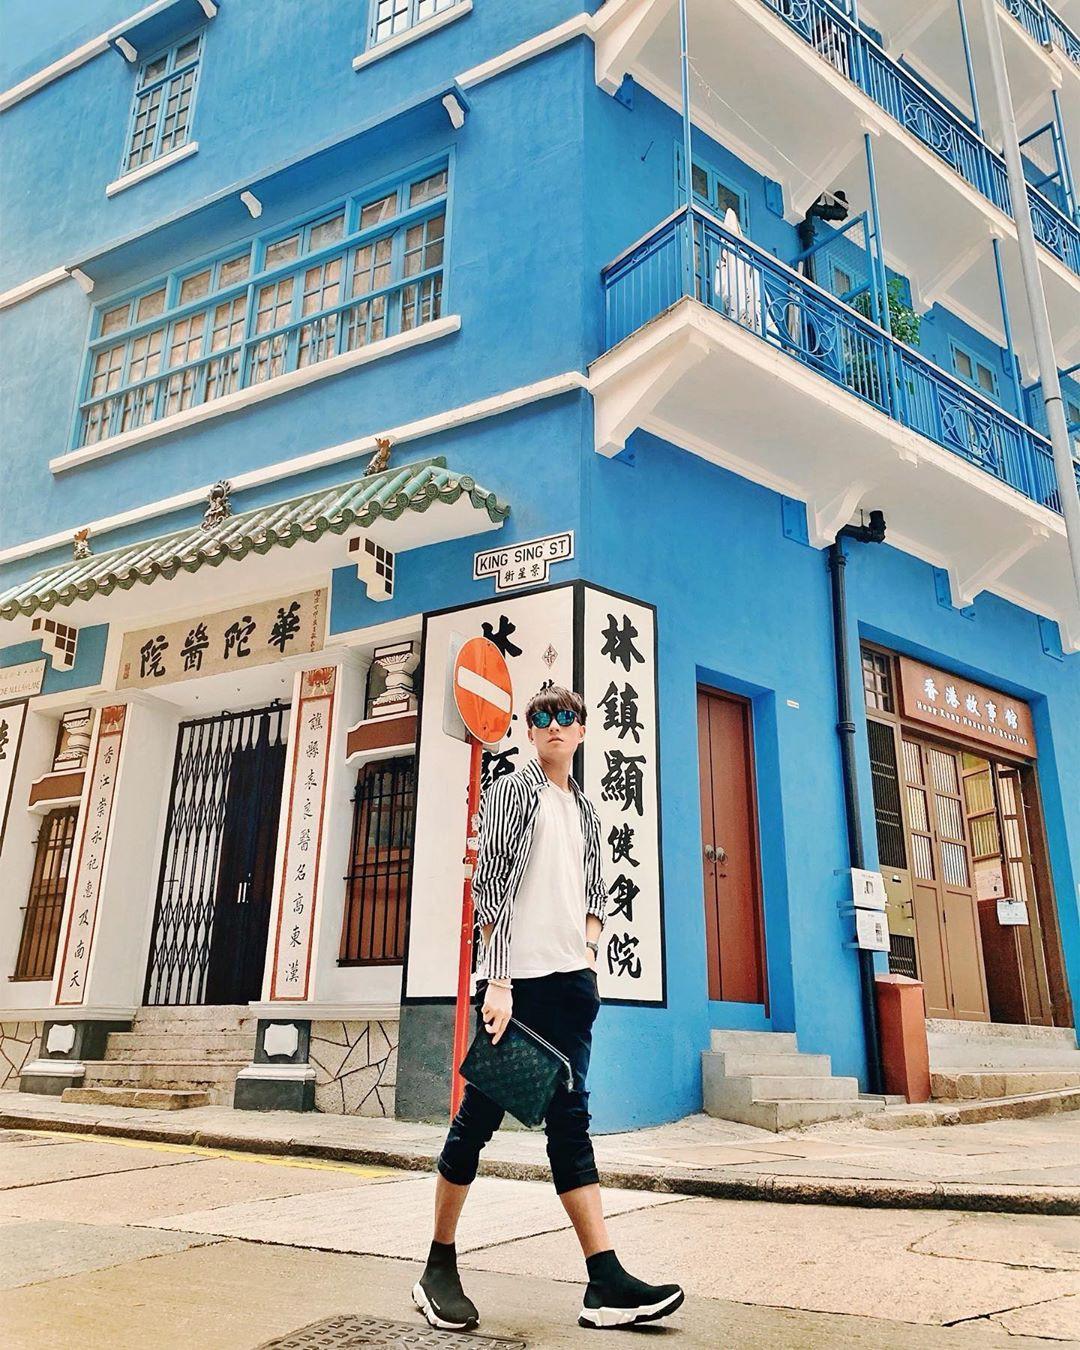 Bỏ túi ngay 8 điểm sống ảo nổi tiếng ở Hong Kong, vị trí thứ 2 hot đến nỗi còn lọt vào top được check-in nhiều nhất trên Instagram! - Ảnh 17.